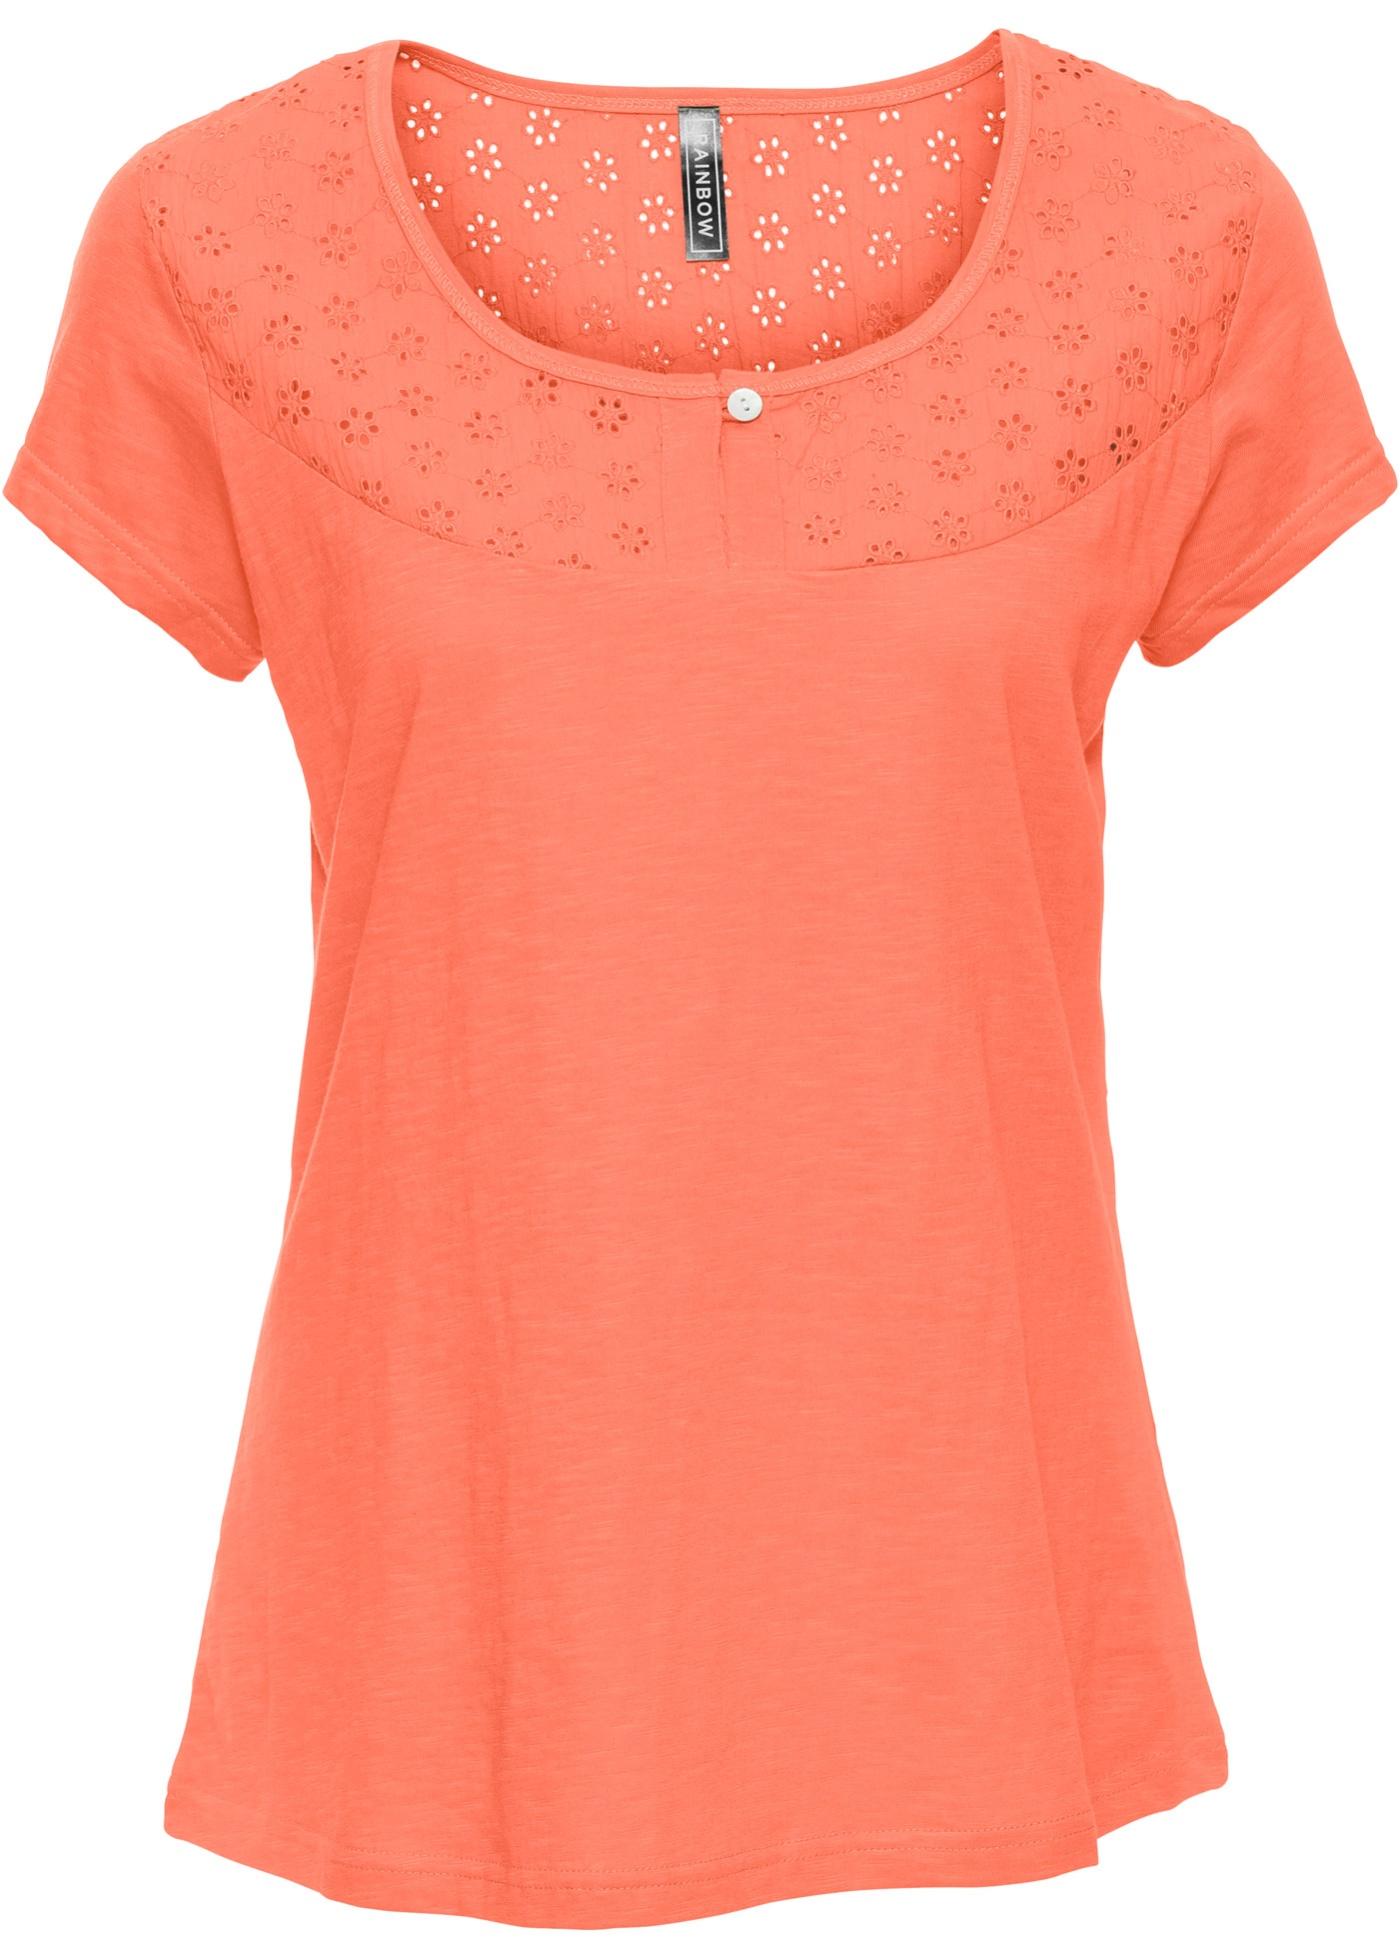 Rainbow Avec Orange Femme shirt Motif Manches Courtes Pour BonprixT Ajouré uOPXZik